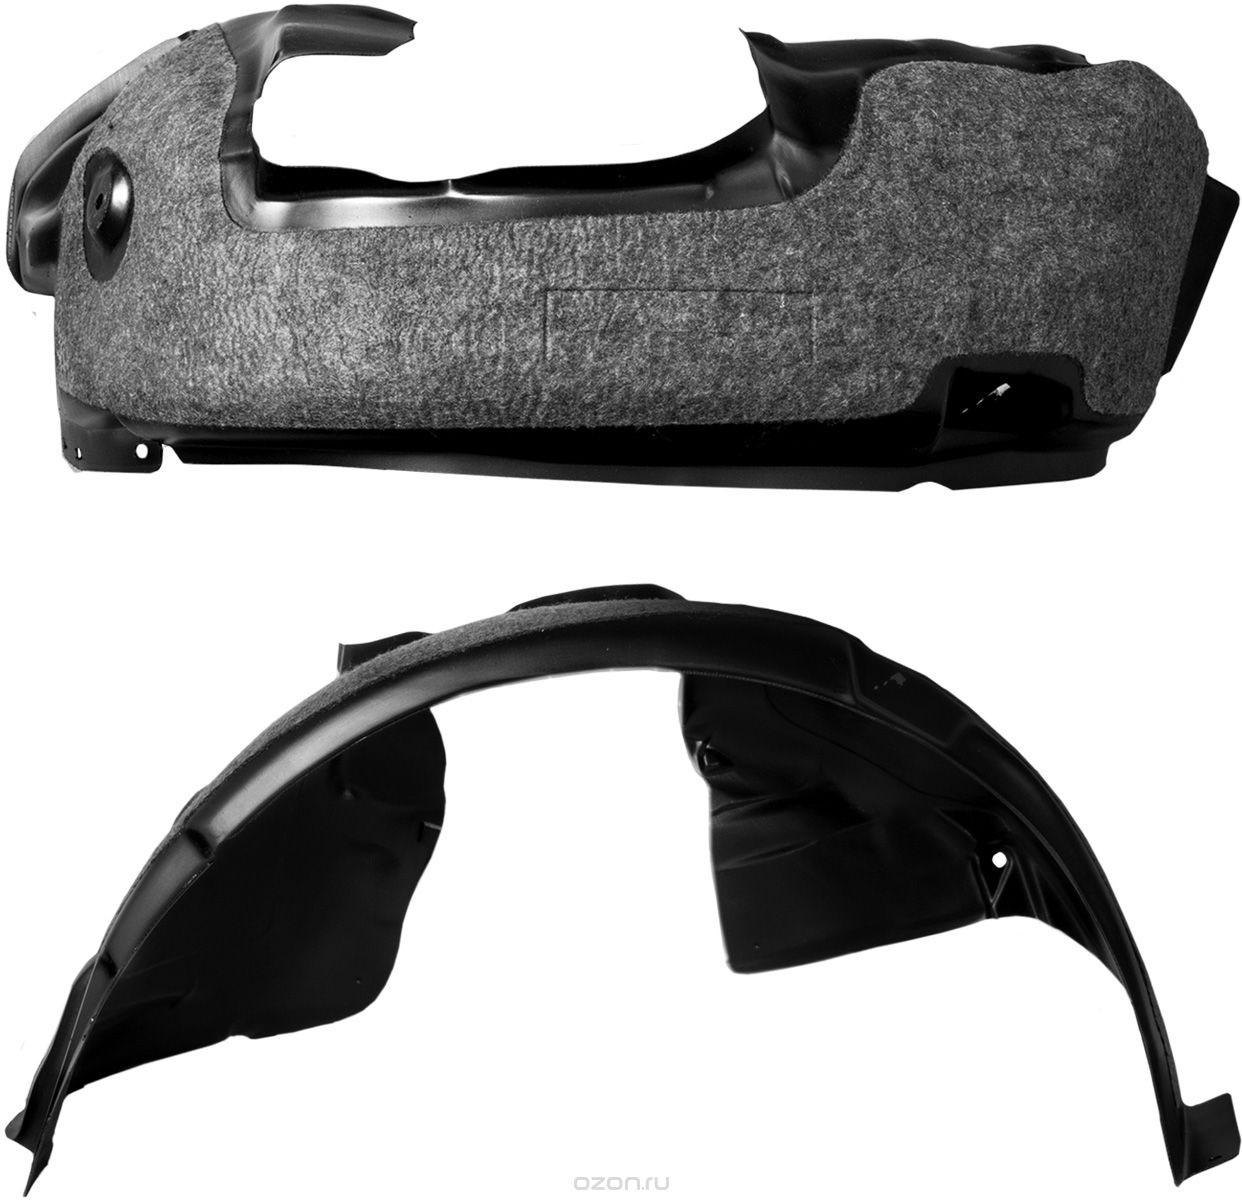 Подкрылок Novline-Autofamily, с шумоизоляцией, для MITSUBISHI Outlander, 2015->, задний левыйNLS.36.49.002Идеальная защита колесной ниши. Локеры разработаны с применением цифровых технологий, гарантируют максимальную повторяемость поверхности арки. Изделия устанавливаются без нарушения лакокрасочного покрытия автомобиля, каждый подкрылок комплектуется крепежом. Уважаемые клиенты, обращаем ваше внимание, что фотографии на подкрылки универсальные и не отражают реальную форму изделия. При этом само изделие идет точно под размер указанного автомобиля.